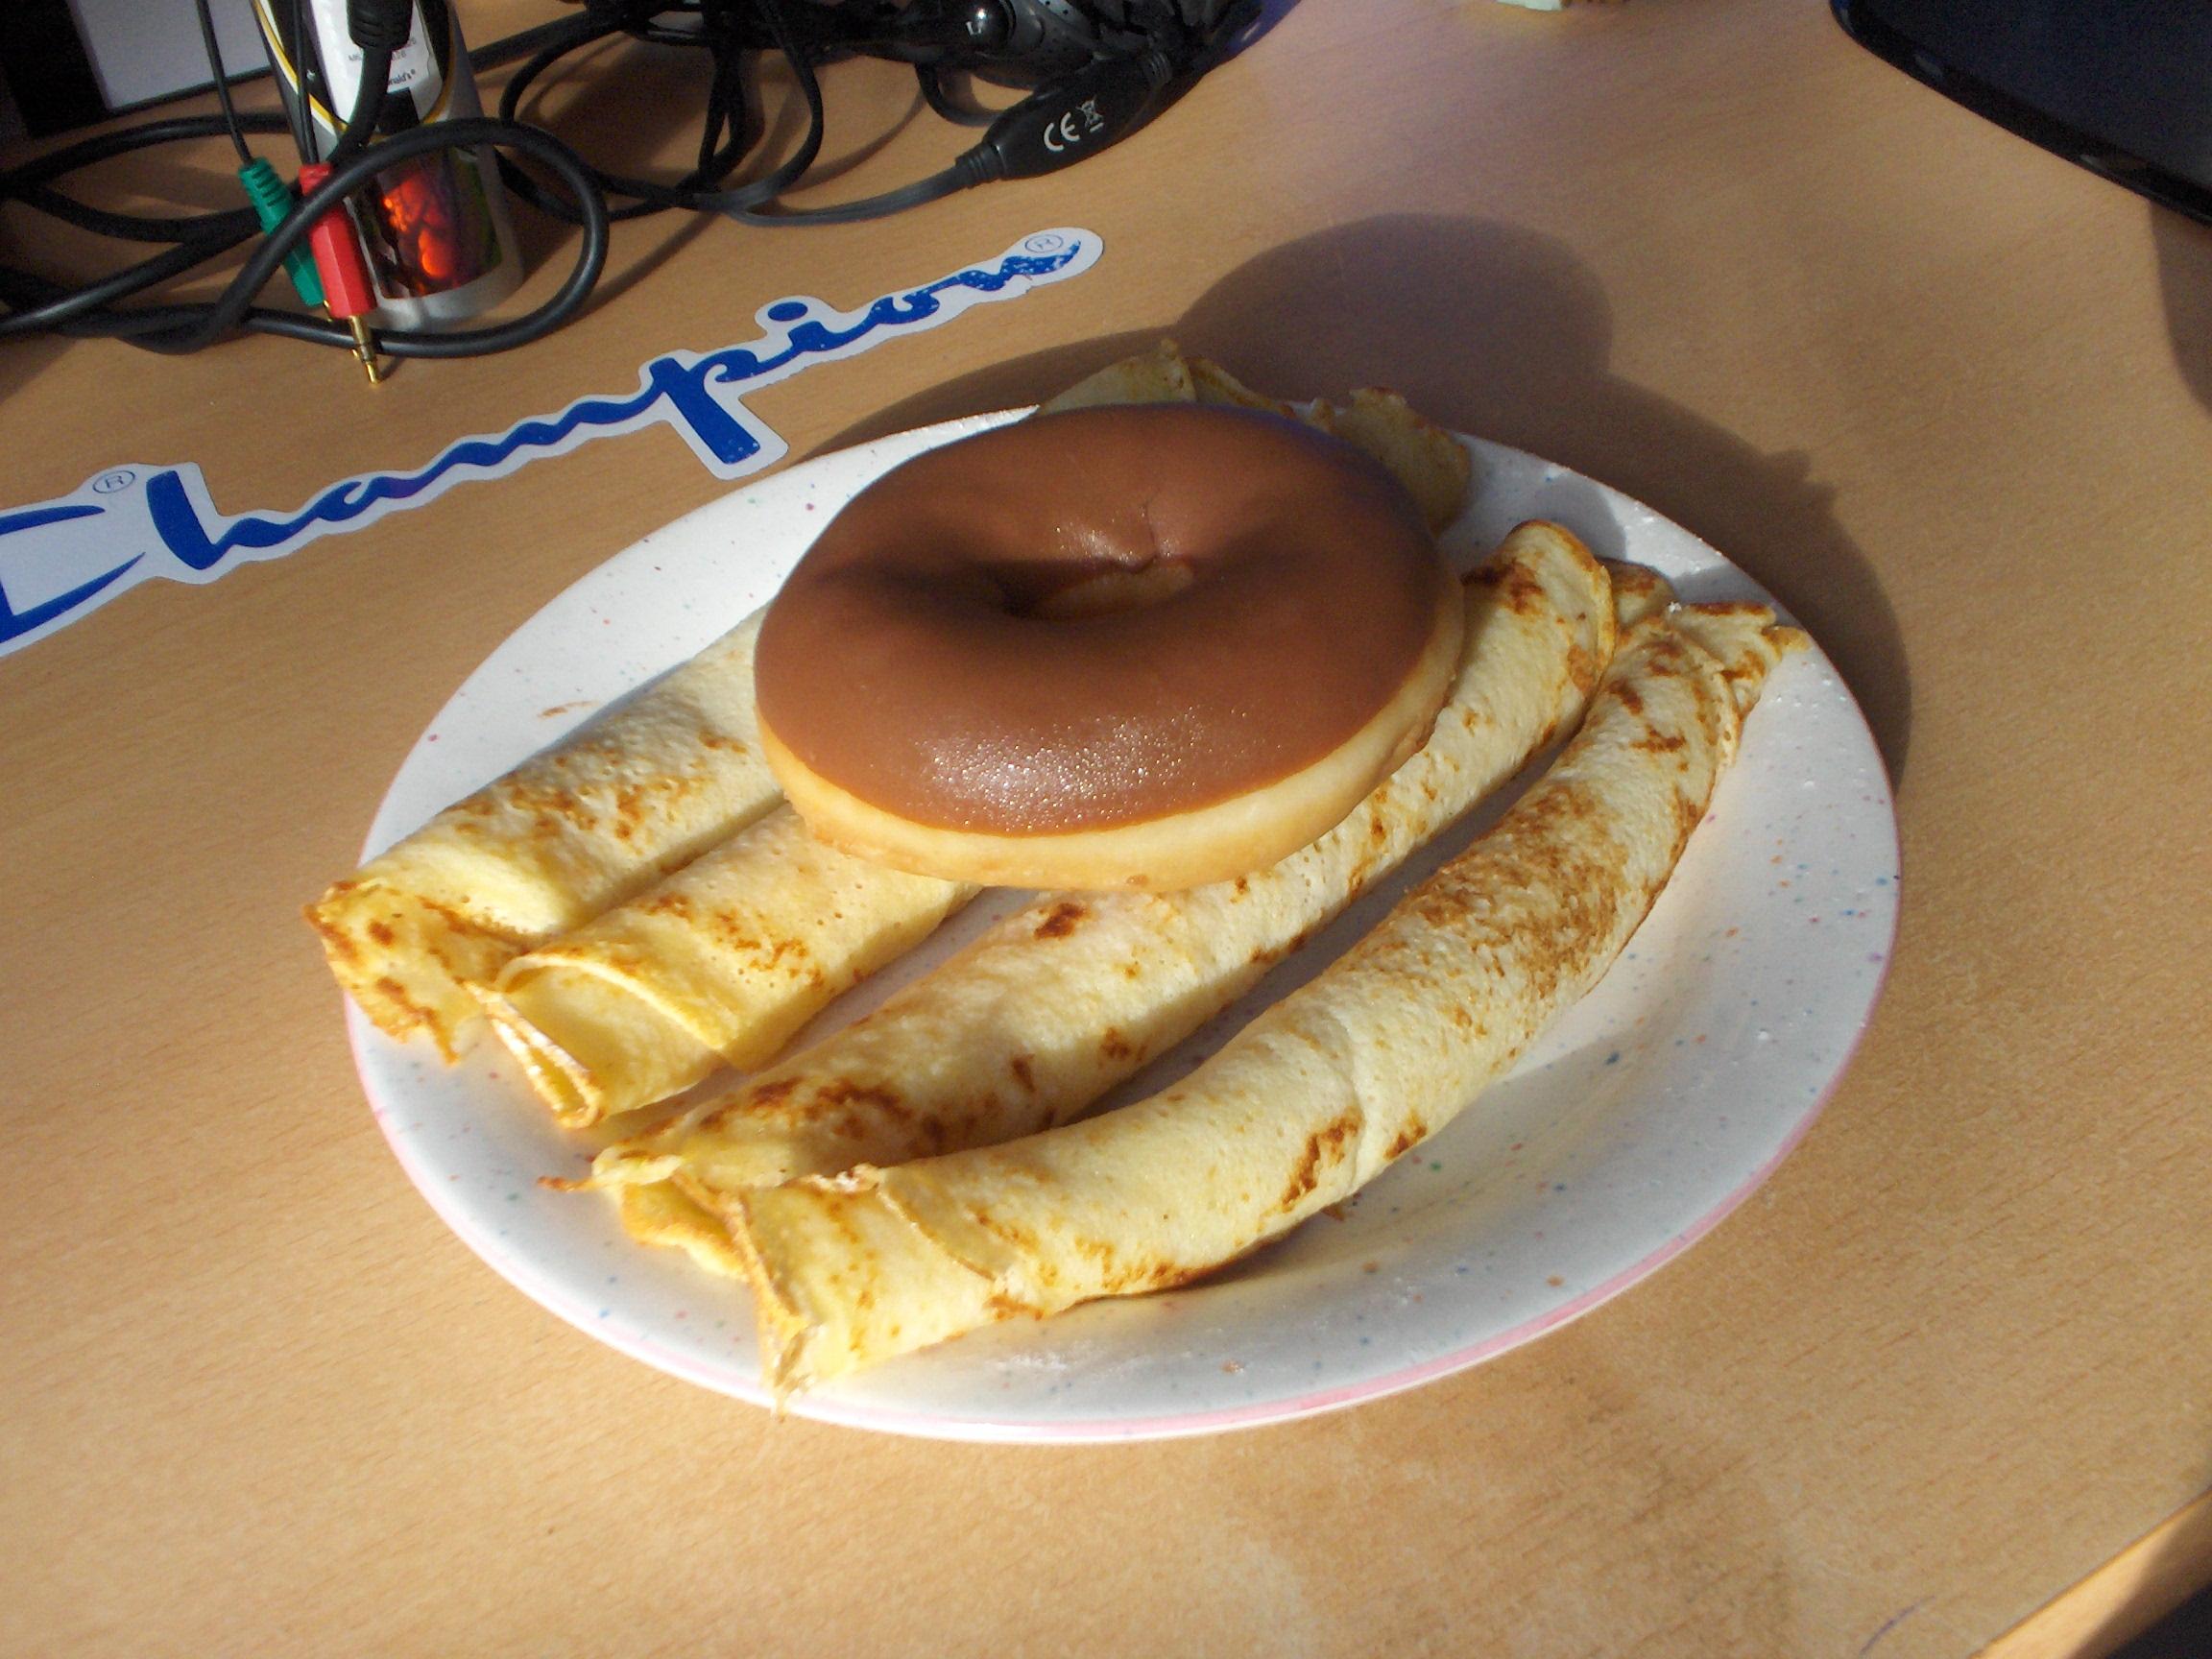 https://foodloader.net/s3Rax_2008-01-27_Pfannkuchen_mit_Donut.jpg